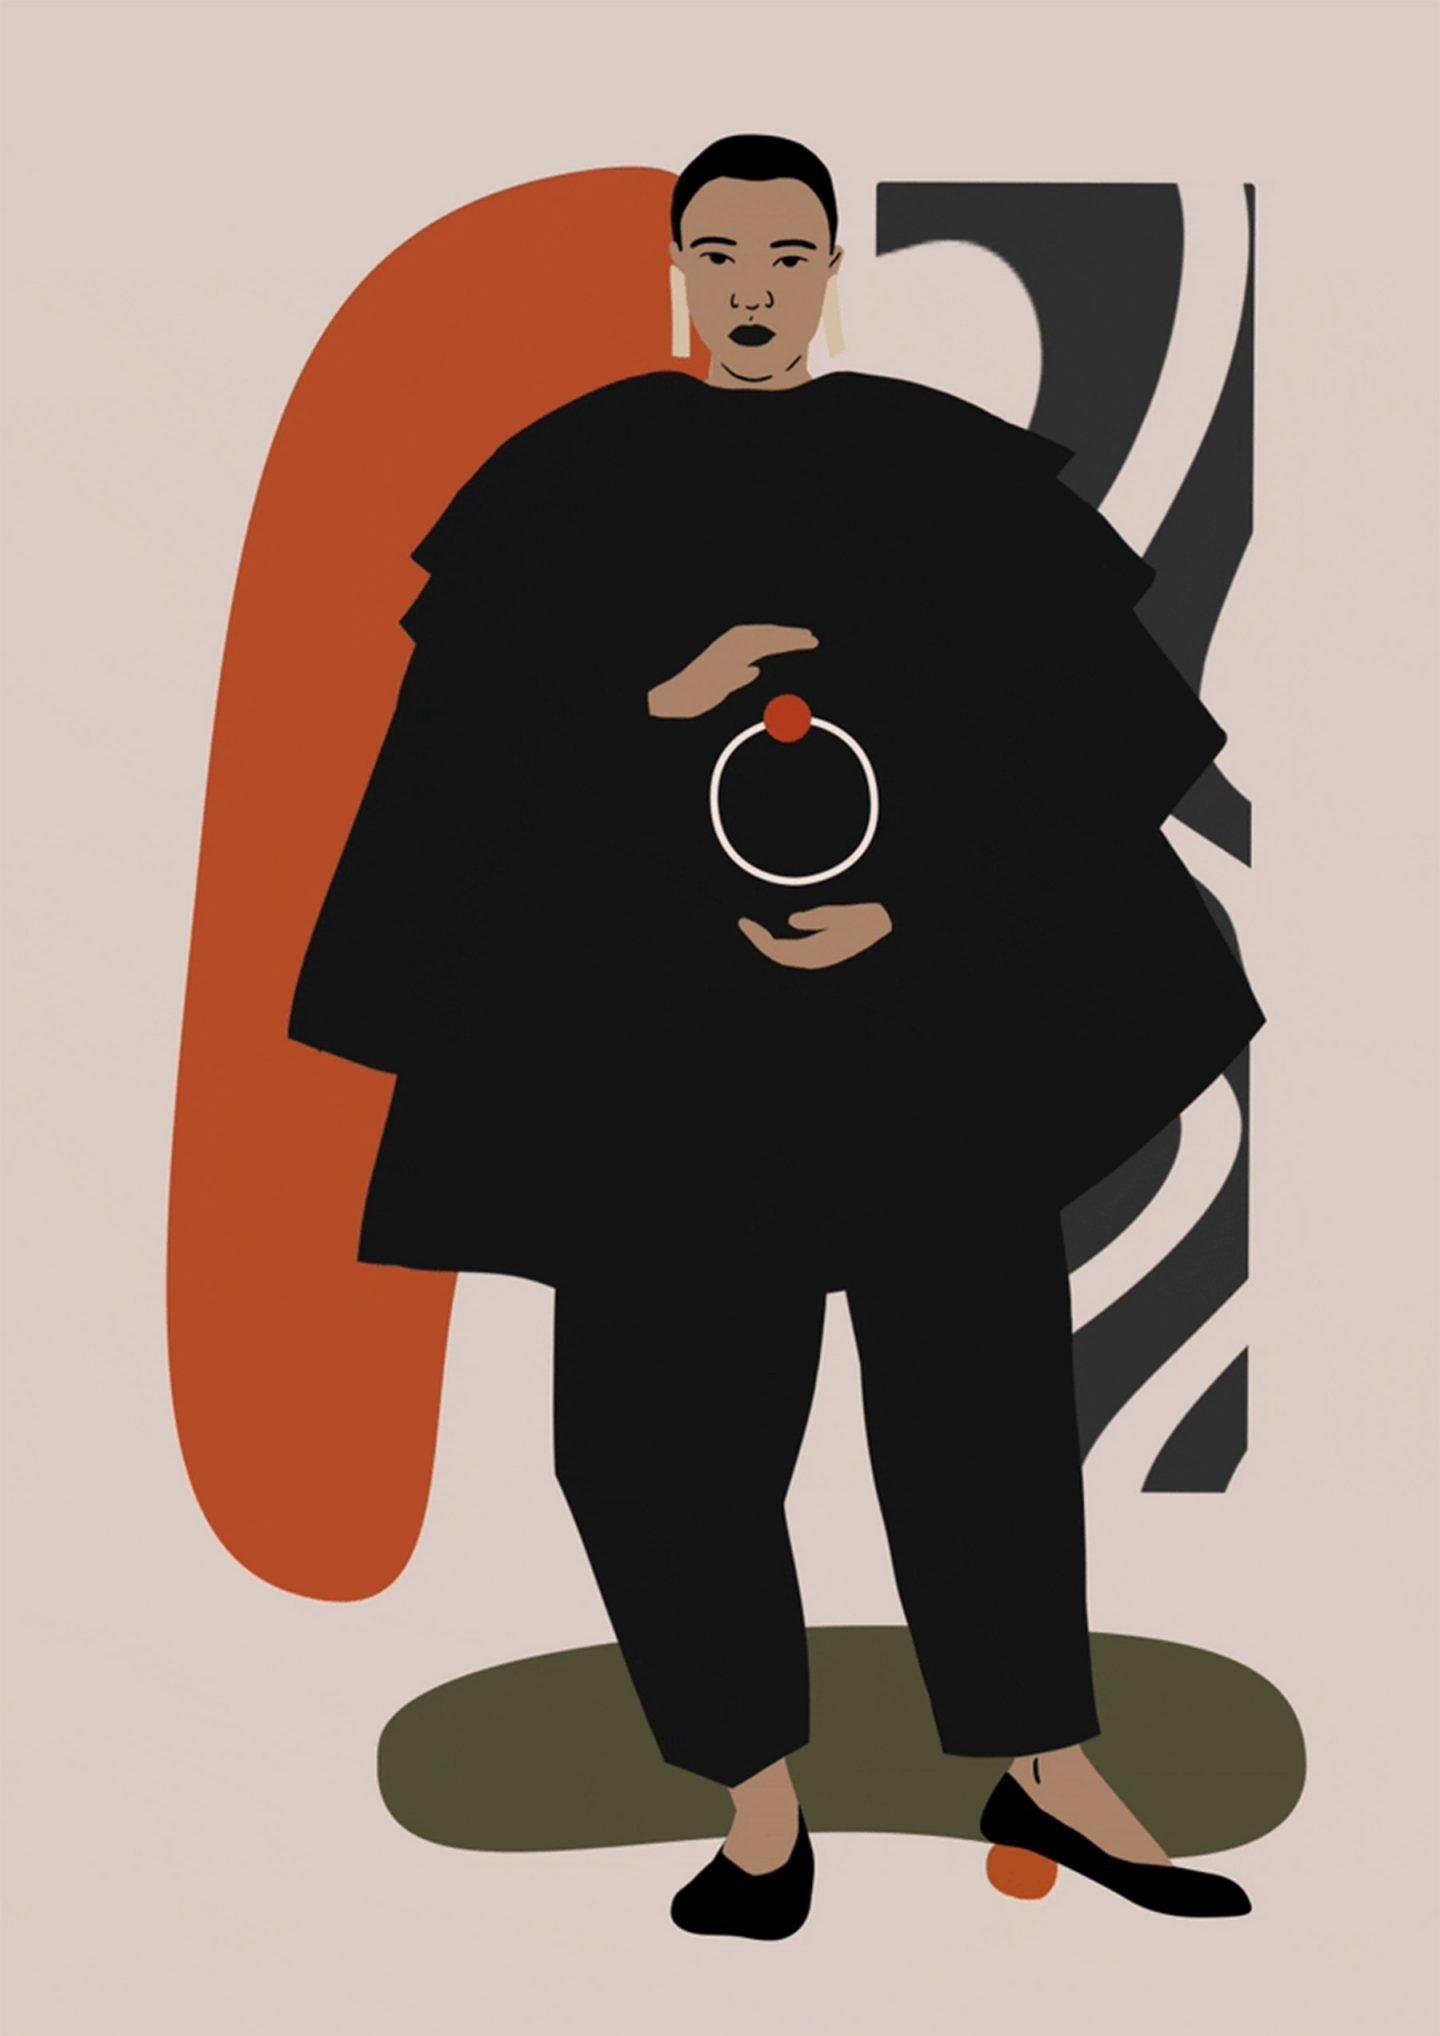 L'esplorazione della forma femminile dell'illustratrice Daiana Ruiz | Collater.al 10